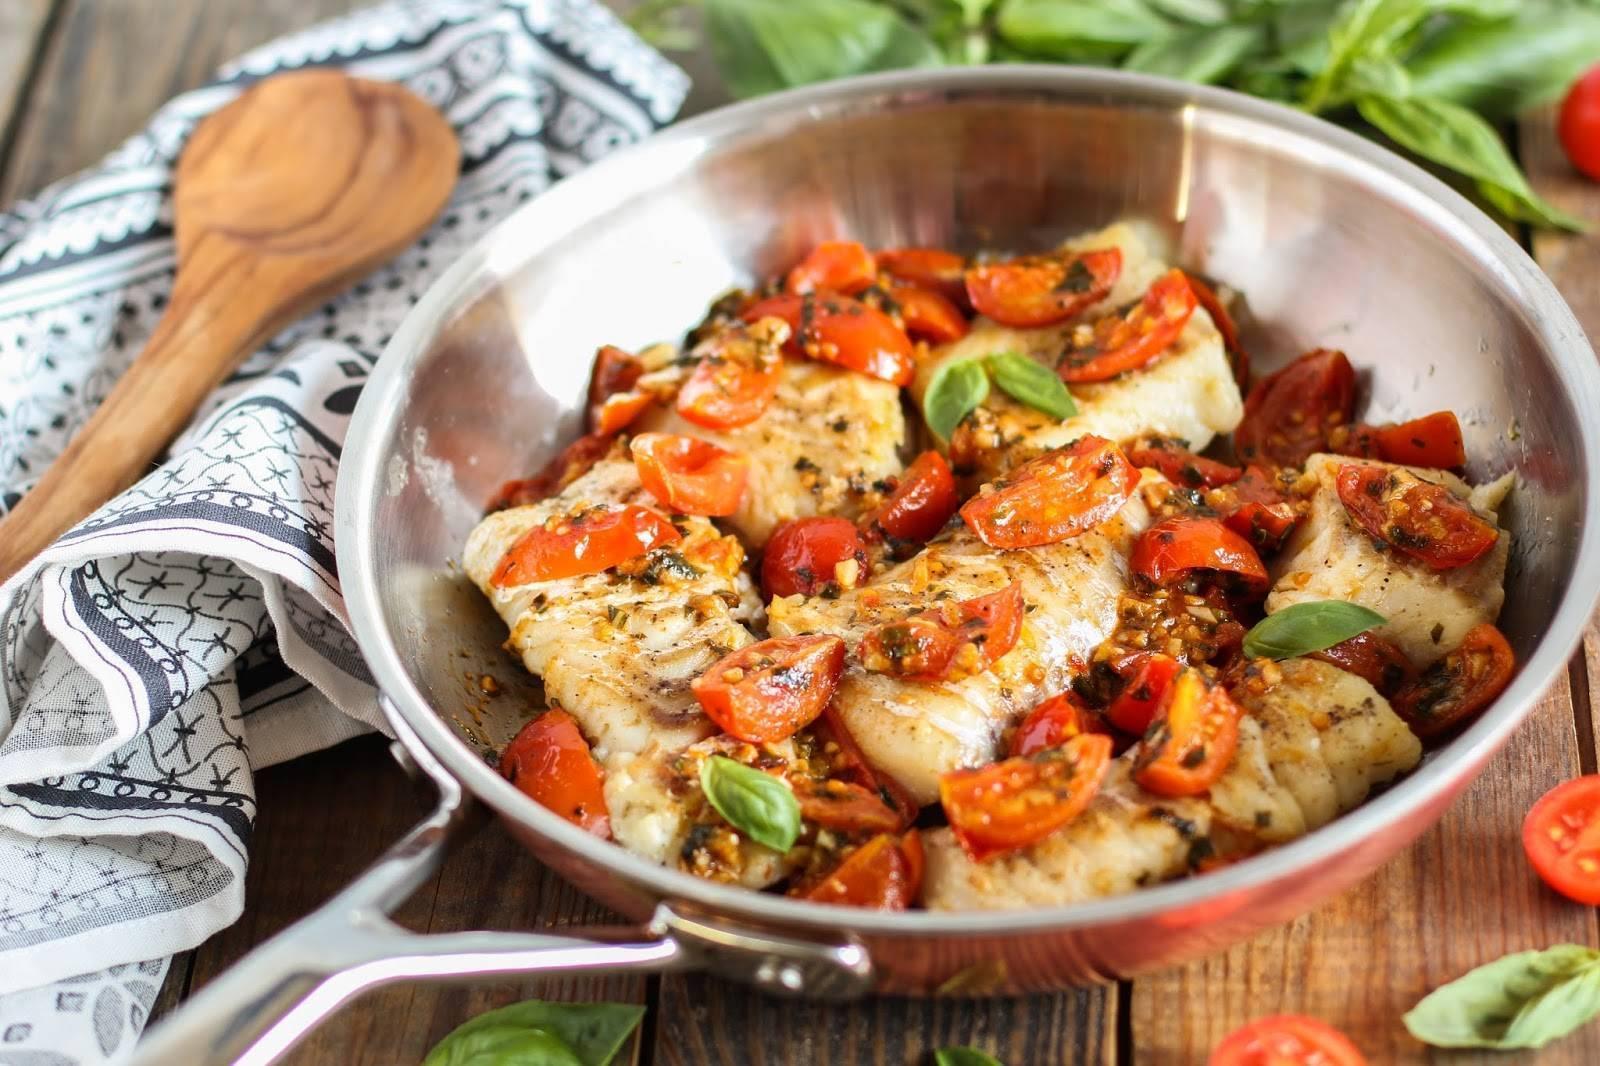 Рыба красноглазка как готовить - все про рыбалку